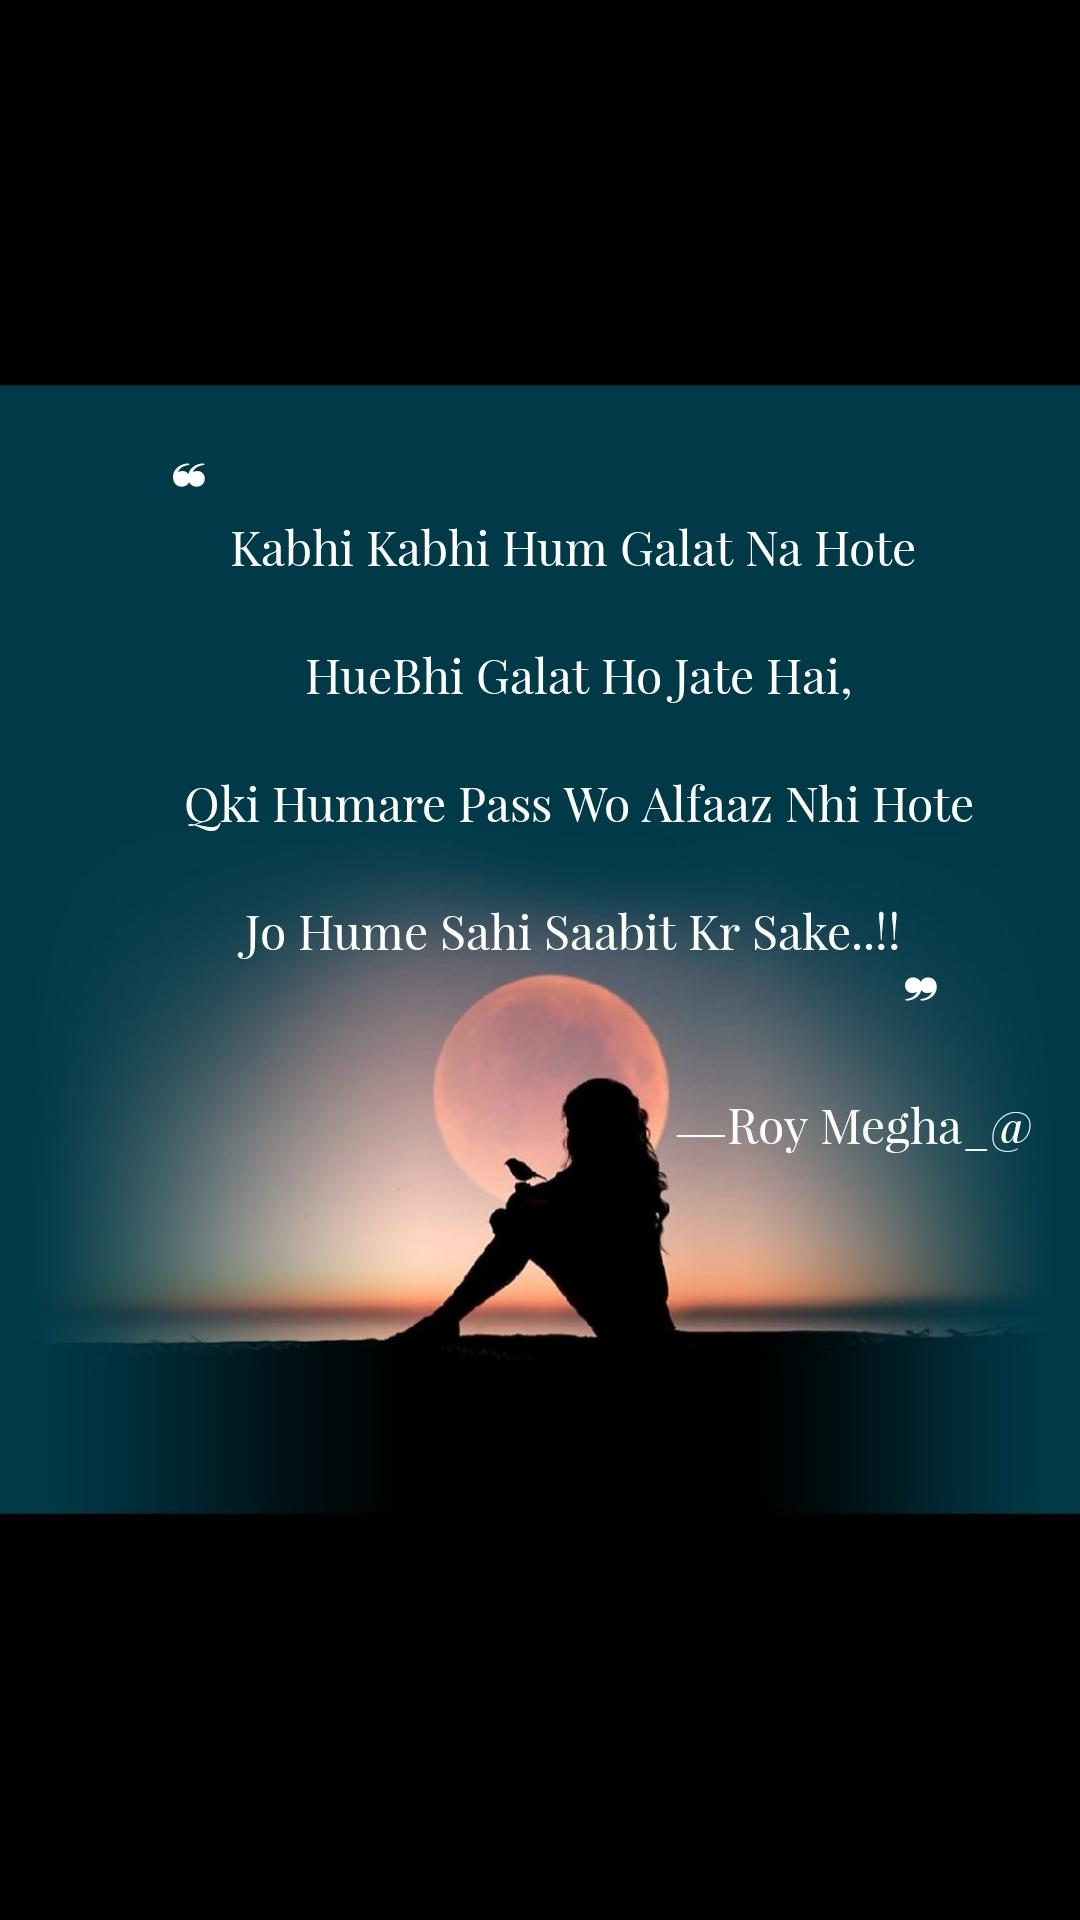 ❝                                                                  Kabhi Kabhi Hum Galat Na Hote   HueBhi Galat Ho Jate Hai,  Qki Humare Pass Wo Alfaaz Nhi Hote  Jo Hume Sahi Saabit Kr Sake..!!                                                           ❞                                               ⎯ Roy Megha_@